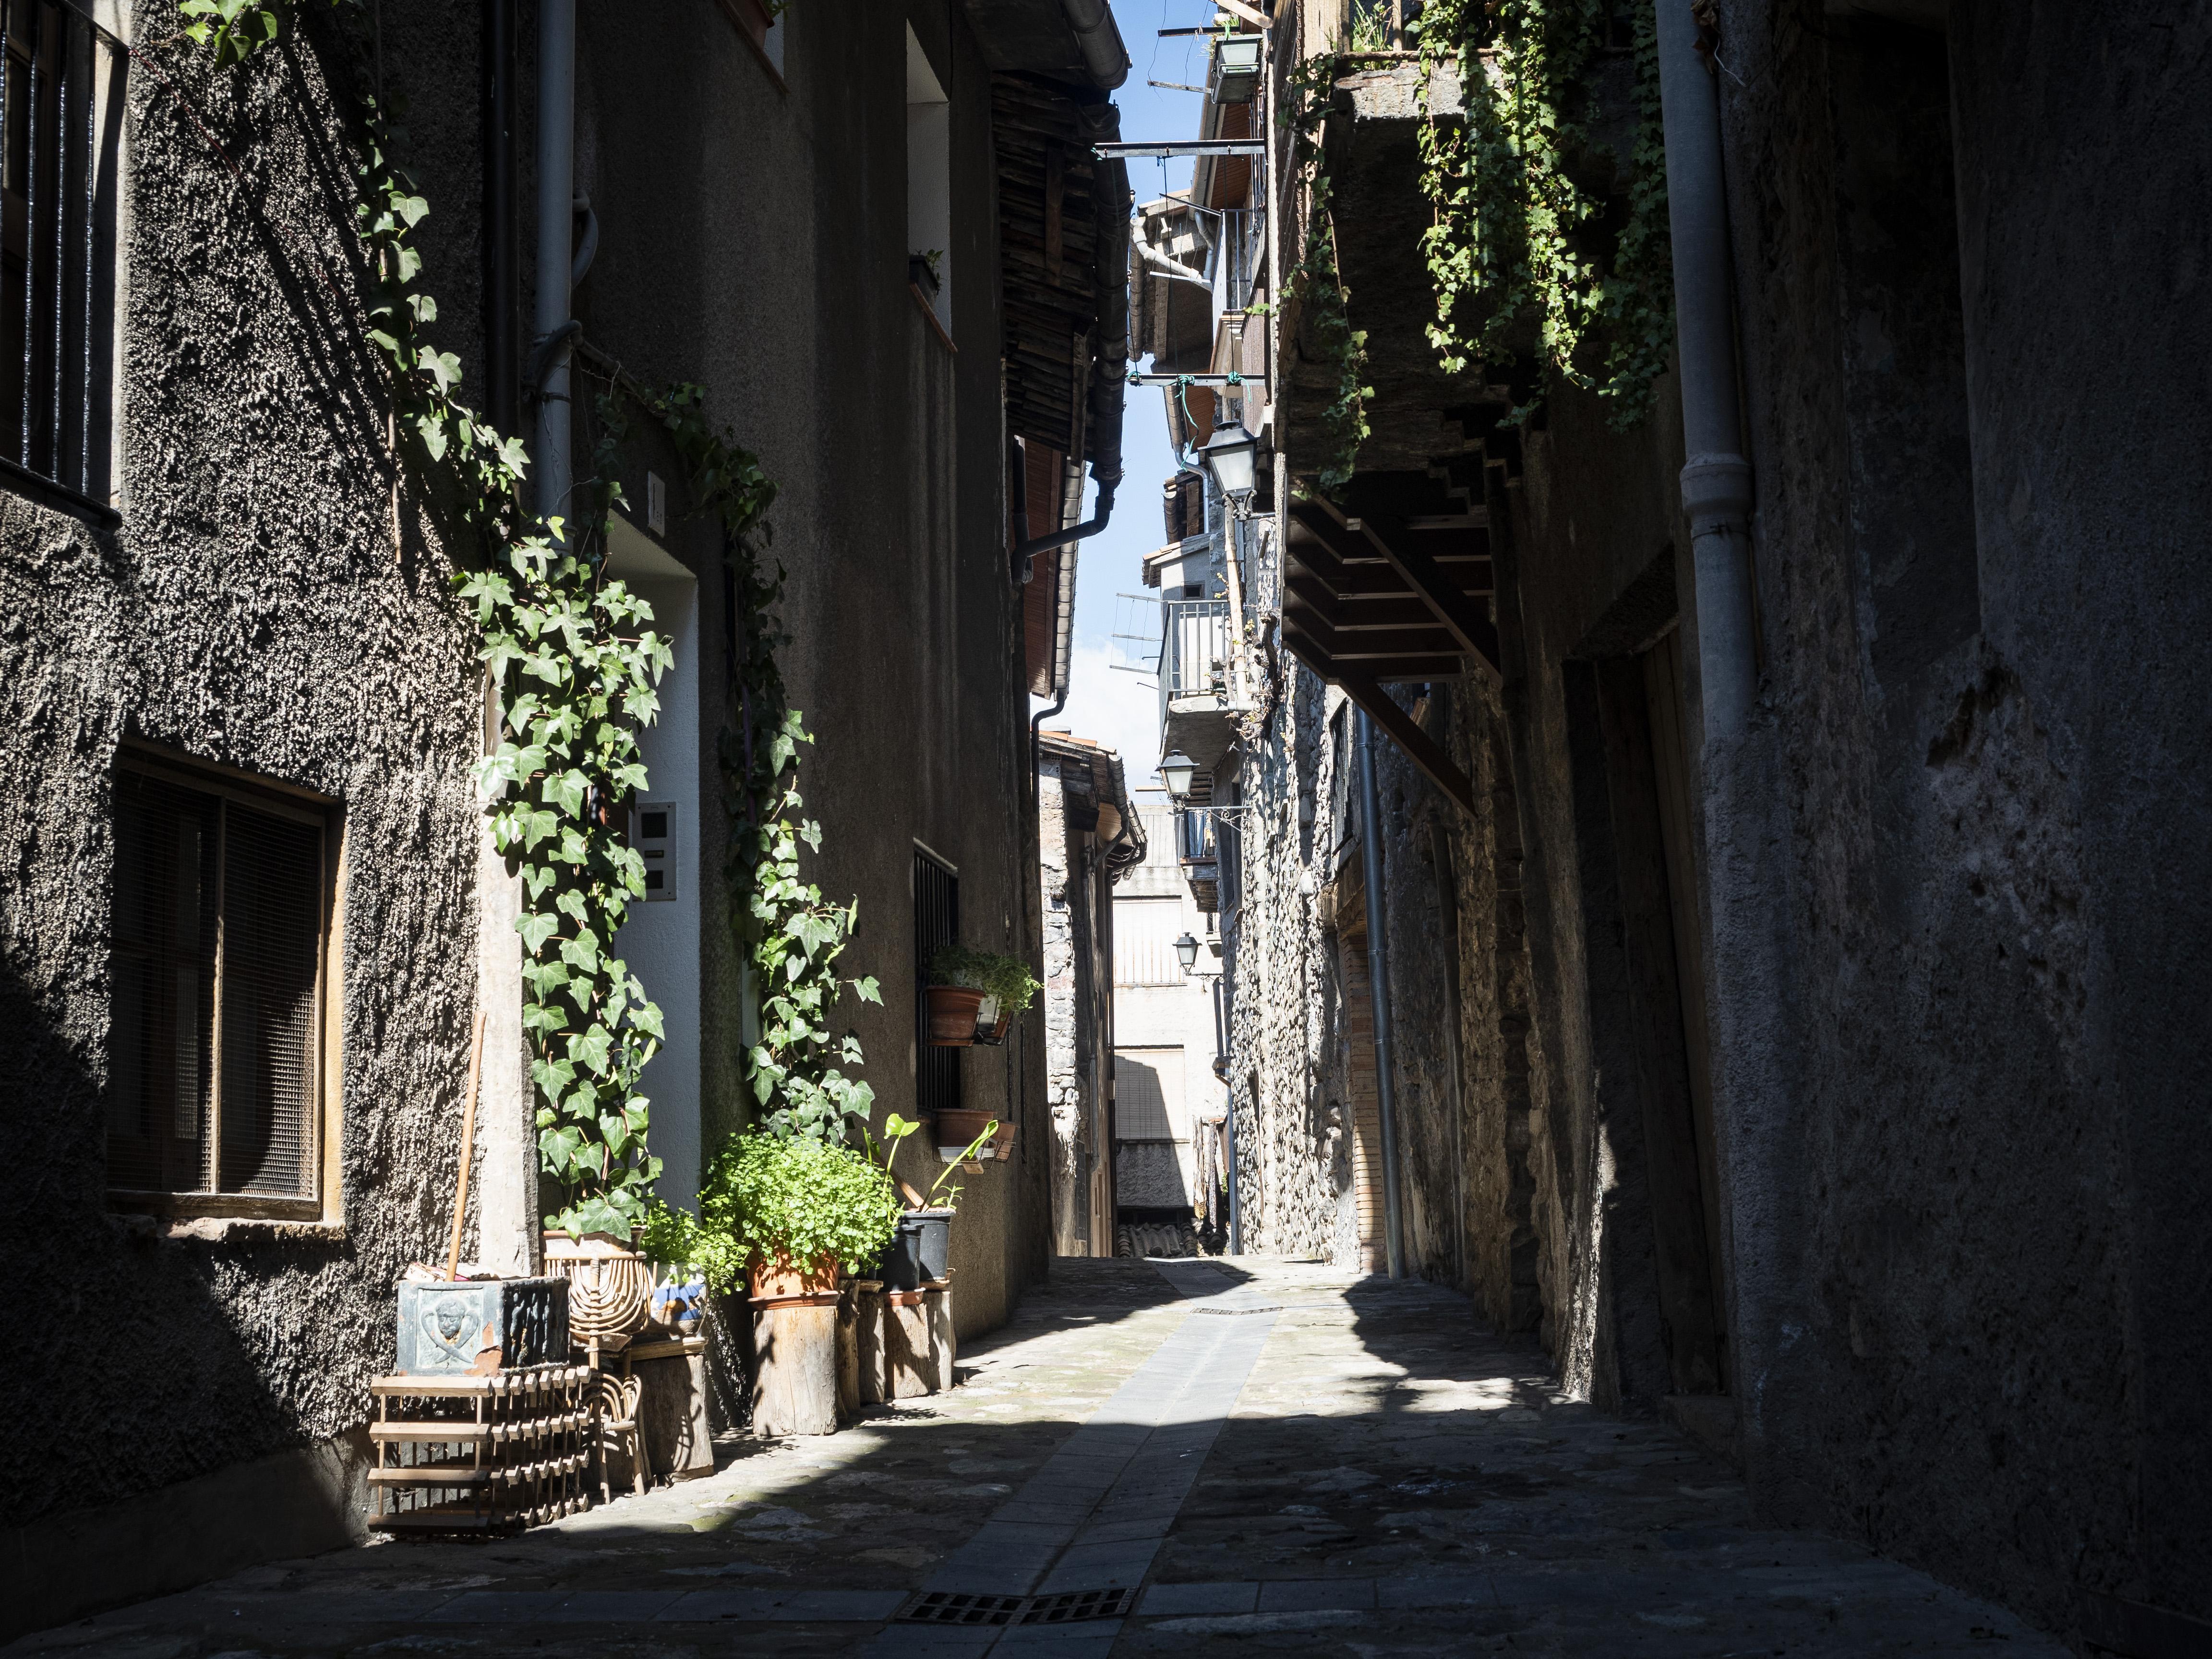 Carrers del municipi de Bagà. FOTO: Anna E. Puig